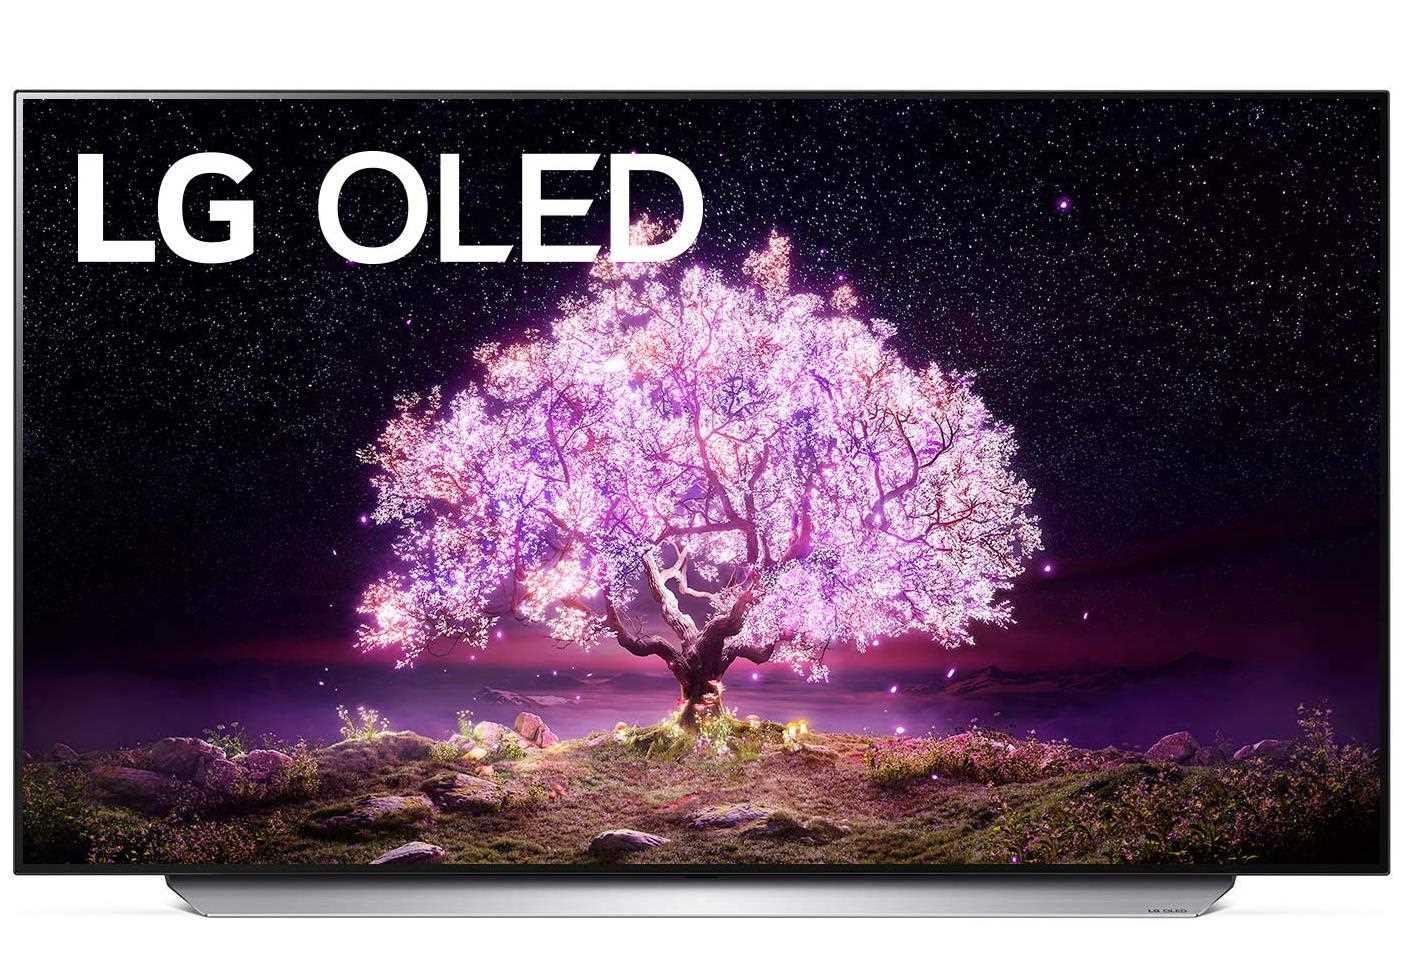 טלוויזיה 55 אינץ' דגם OLED 55C1PVB  בטכנולוגיית LG OLED 4K Ultra HD אל ג'י - תמונה 2